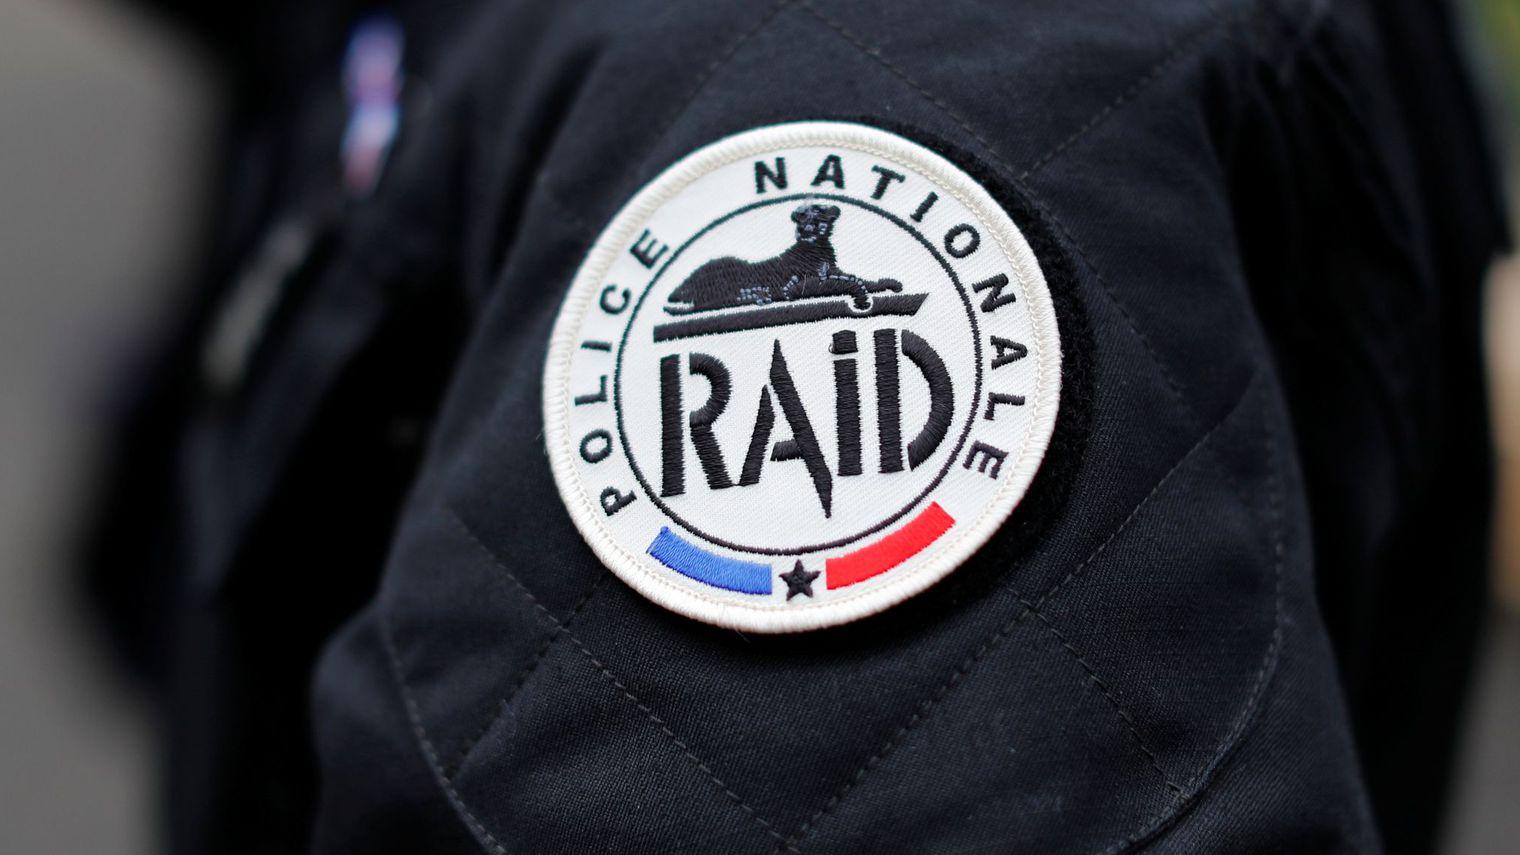 Soupçonnées de vouloir attaquer des musulmans, 10 personnes arrêtées